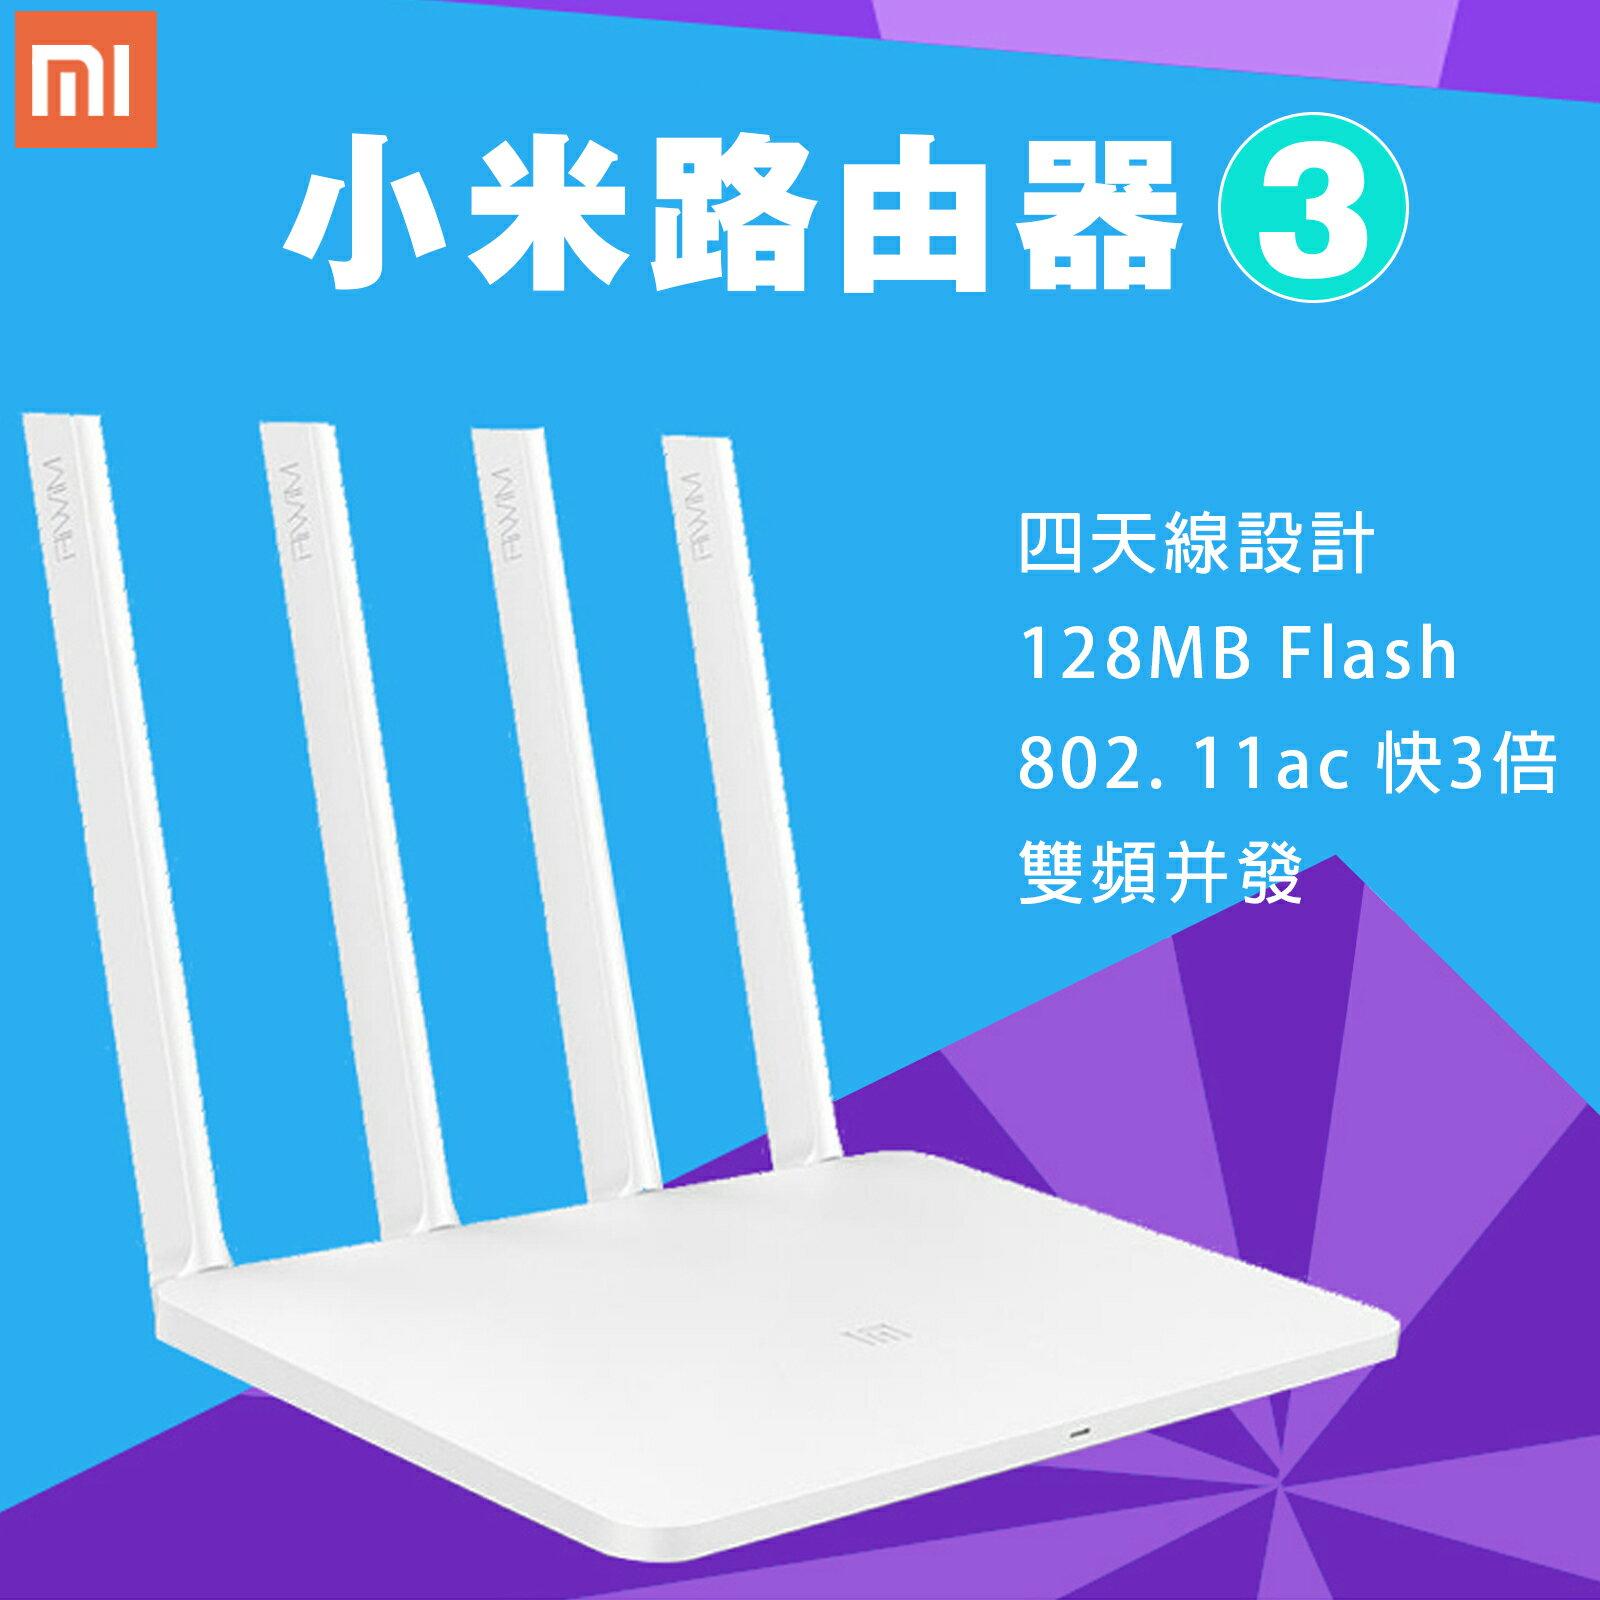 【原廠正貨】最新小米路由器 3代 WiFi 4天線 5G 寬頻 無線上網【O3214】☆雙兒網☆ 0